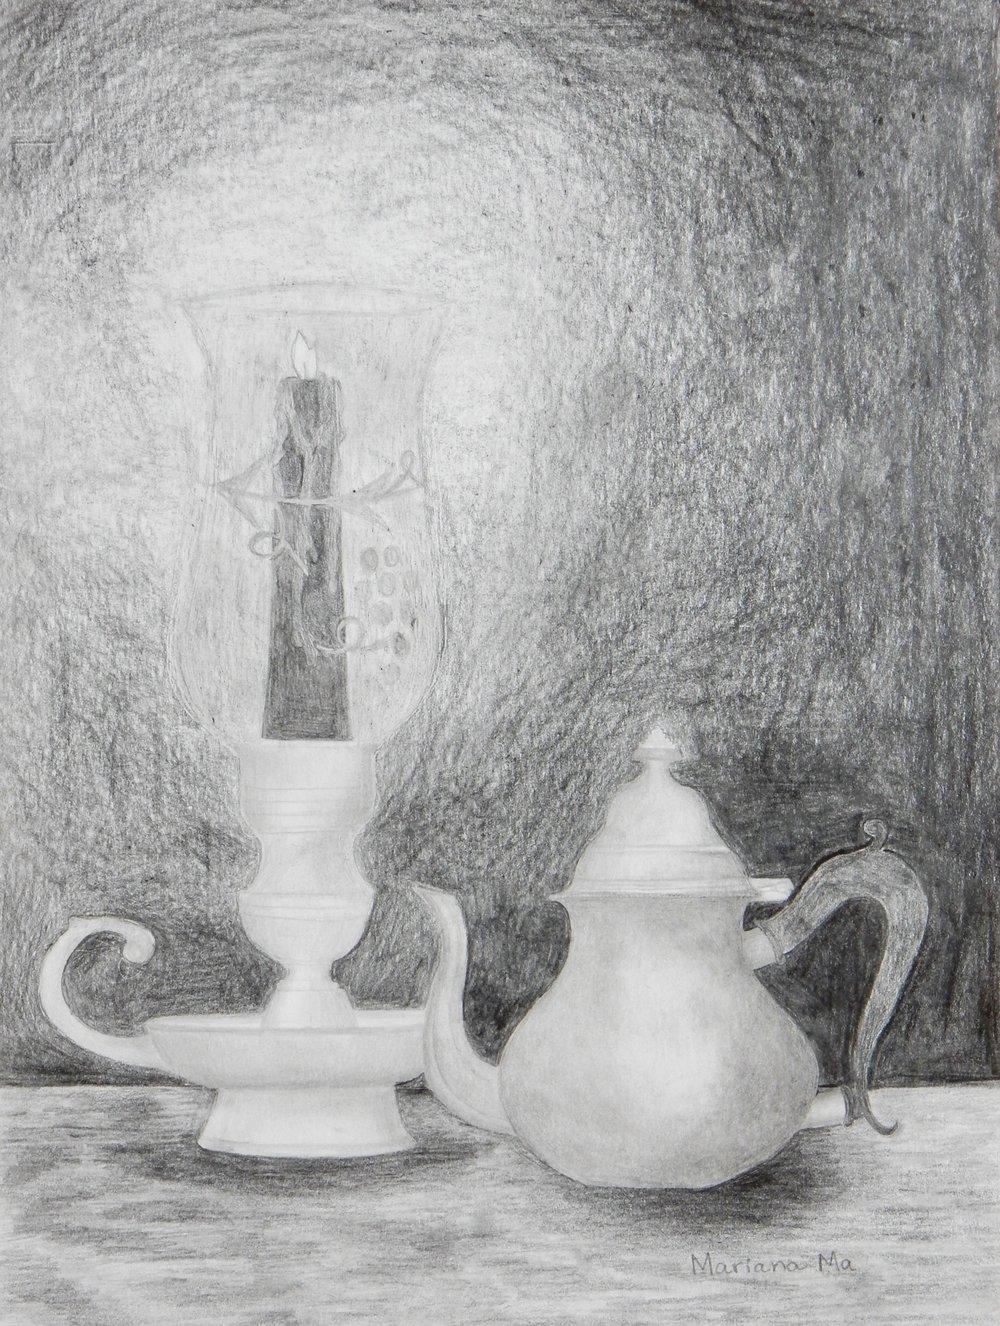 Mariana Ma. 13 yrs. pencil